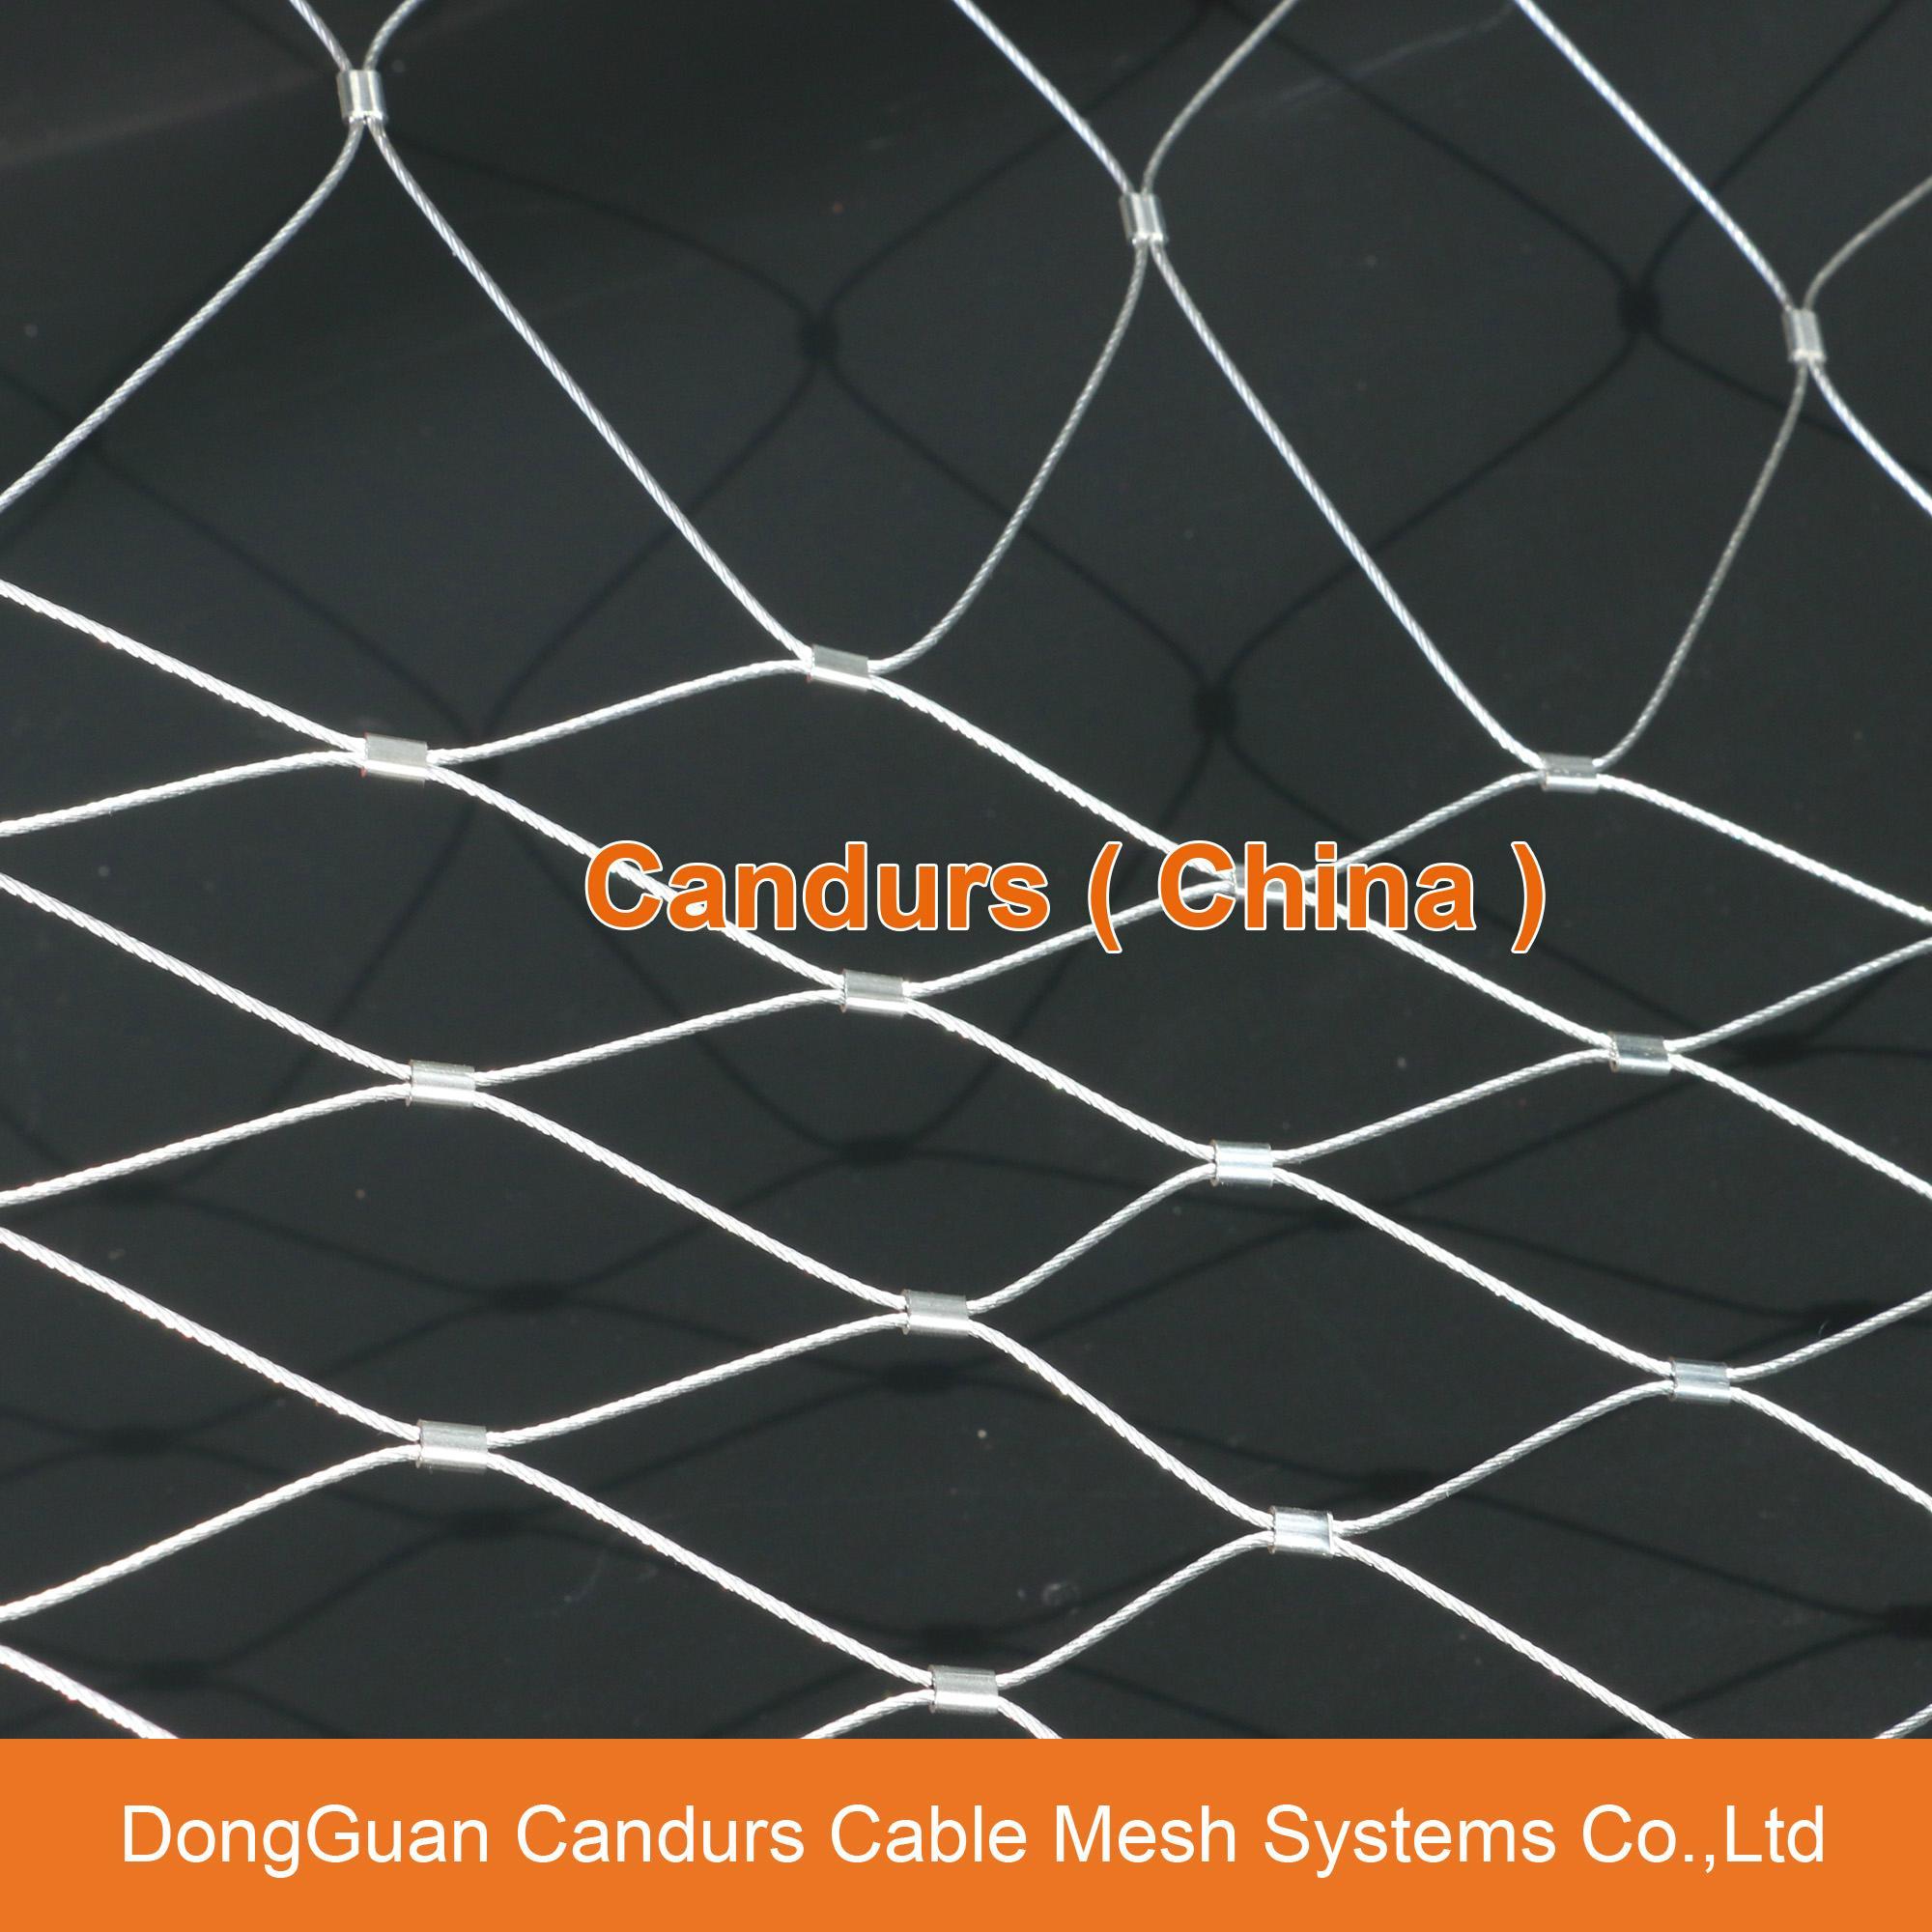 不锈钢丝绳外墙装饰网 1